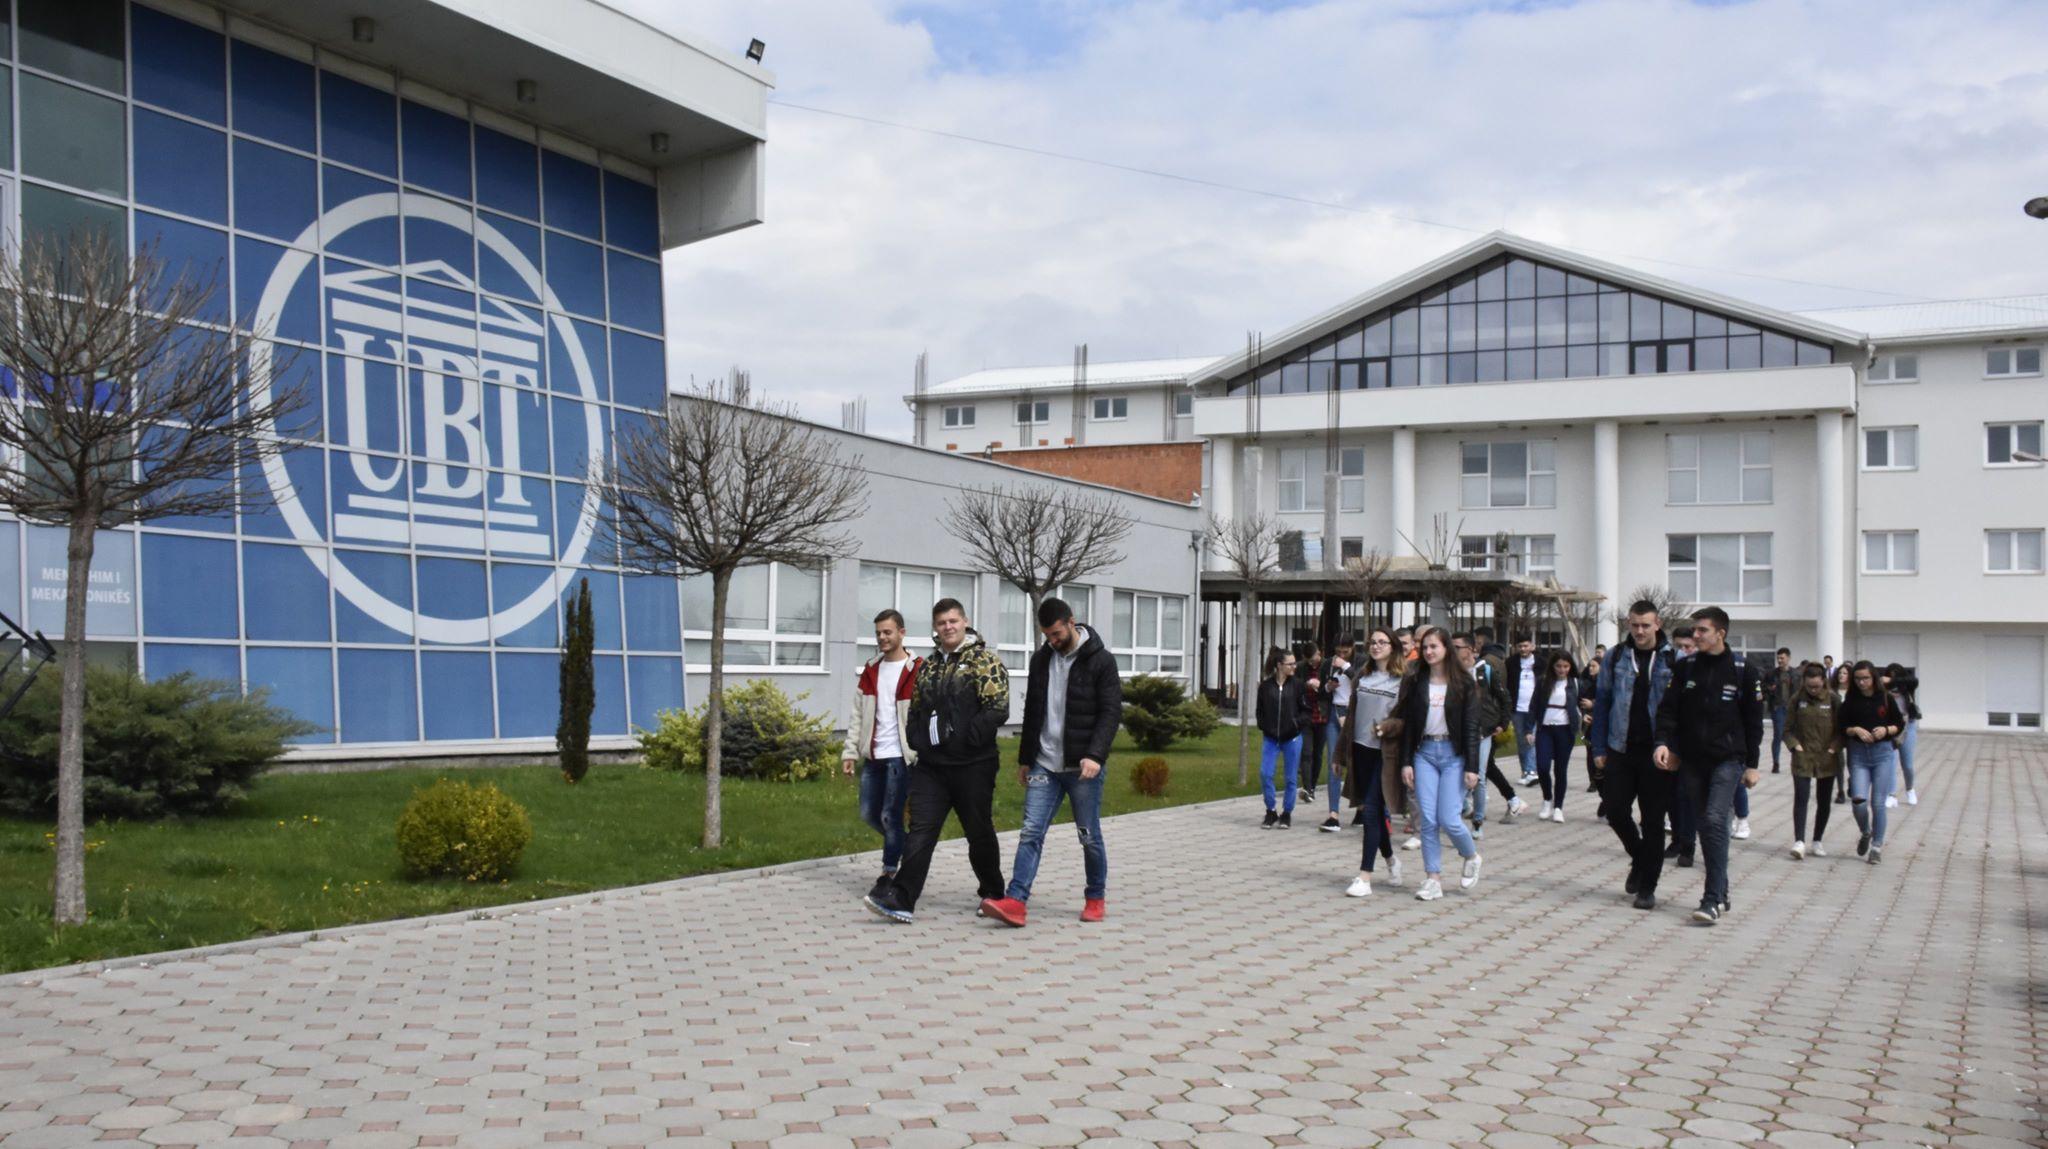 Maturantët e Gjilanit të vendosur për të studiuar në UBT (Foto& Video)